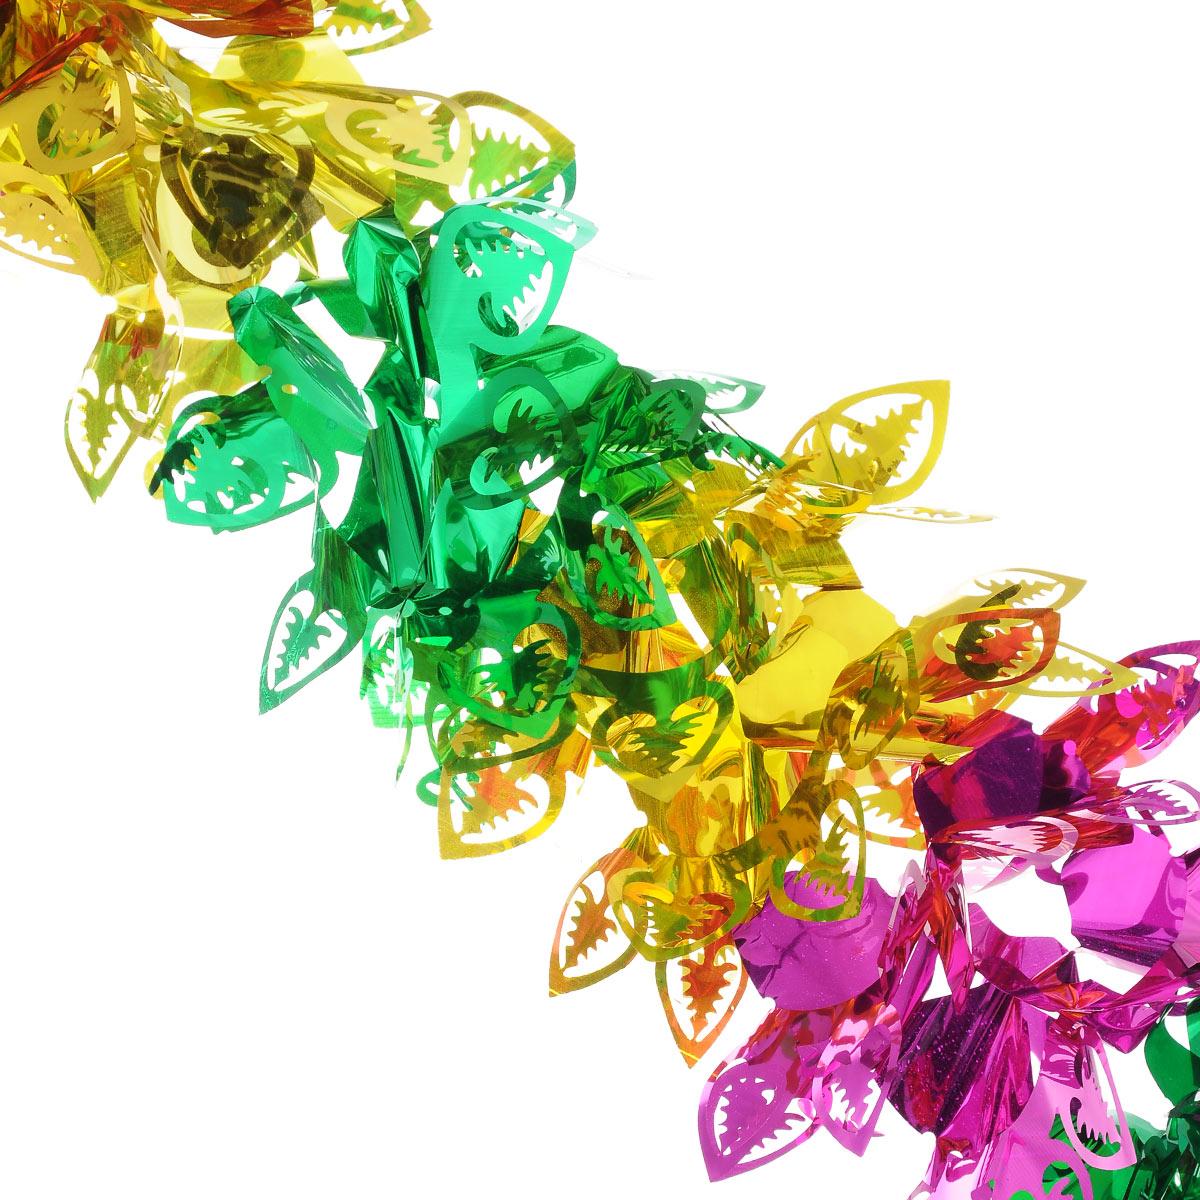 Новогодняя гирлянда EuroHouse, длина 300 см66493Новогодняя гирлянда EuroHouse прекрасно подойдет для декора дома или офиса. Украшение выполнено из ПЭТ (полиэтилентерефталата), легко складывается и раскладывается. Новогодние украшения несут в себе волшебство и красоту праздника. Они помогут вам украсить дом к предстоящим праздникам и оживить интерьер по вашему вкусу. Создайте в доме атмосферу тепла, веселья и радости, украшая его всей семьей. Диаметр (в сложенном виде): 26 см.